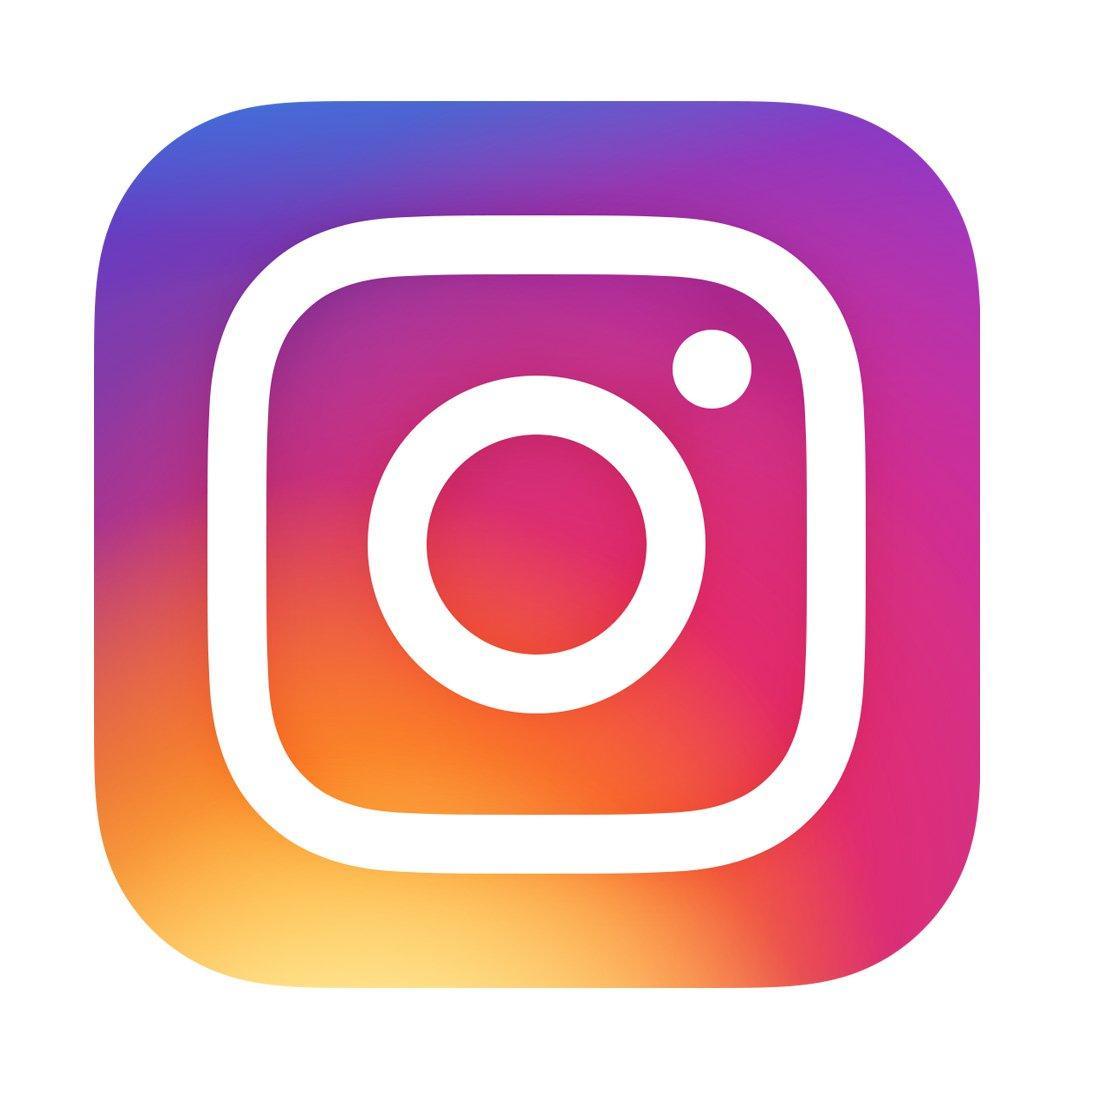 Nous sommes également sur Instagram